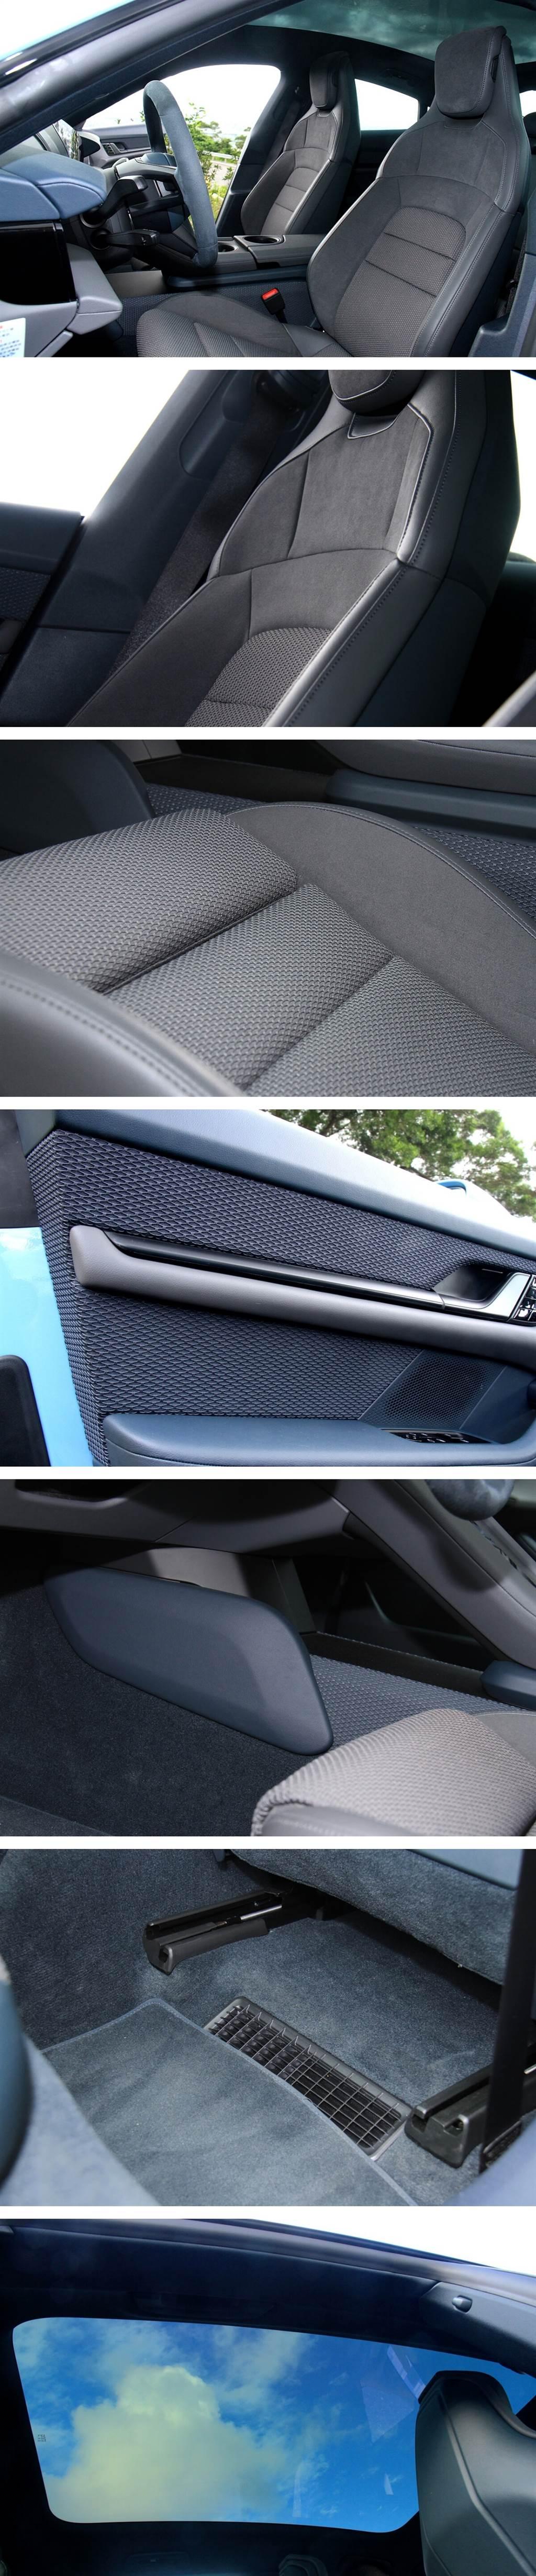 須加價10.23萬的全景式玻璃車頂也是一項值得推薦的選配,其並未配置遮陽簾,這是因為Porsche此款玻璃車頂有多層金屬鍍膜,可完全隔絕車外熱度,並且有非常寧靜的效果,傾盆大雨打在車頂,坐在車內完全無任何來自車頂的落雨擊打的聲響。